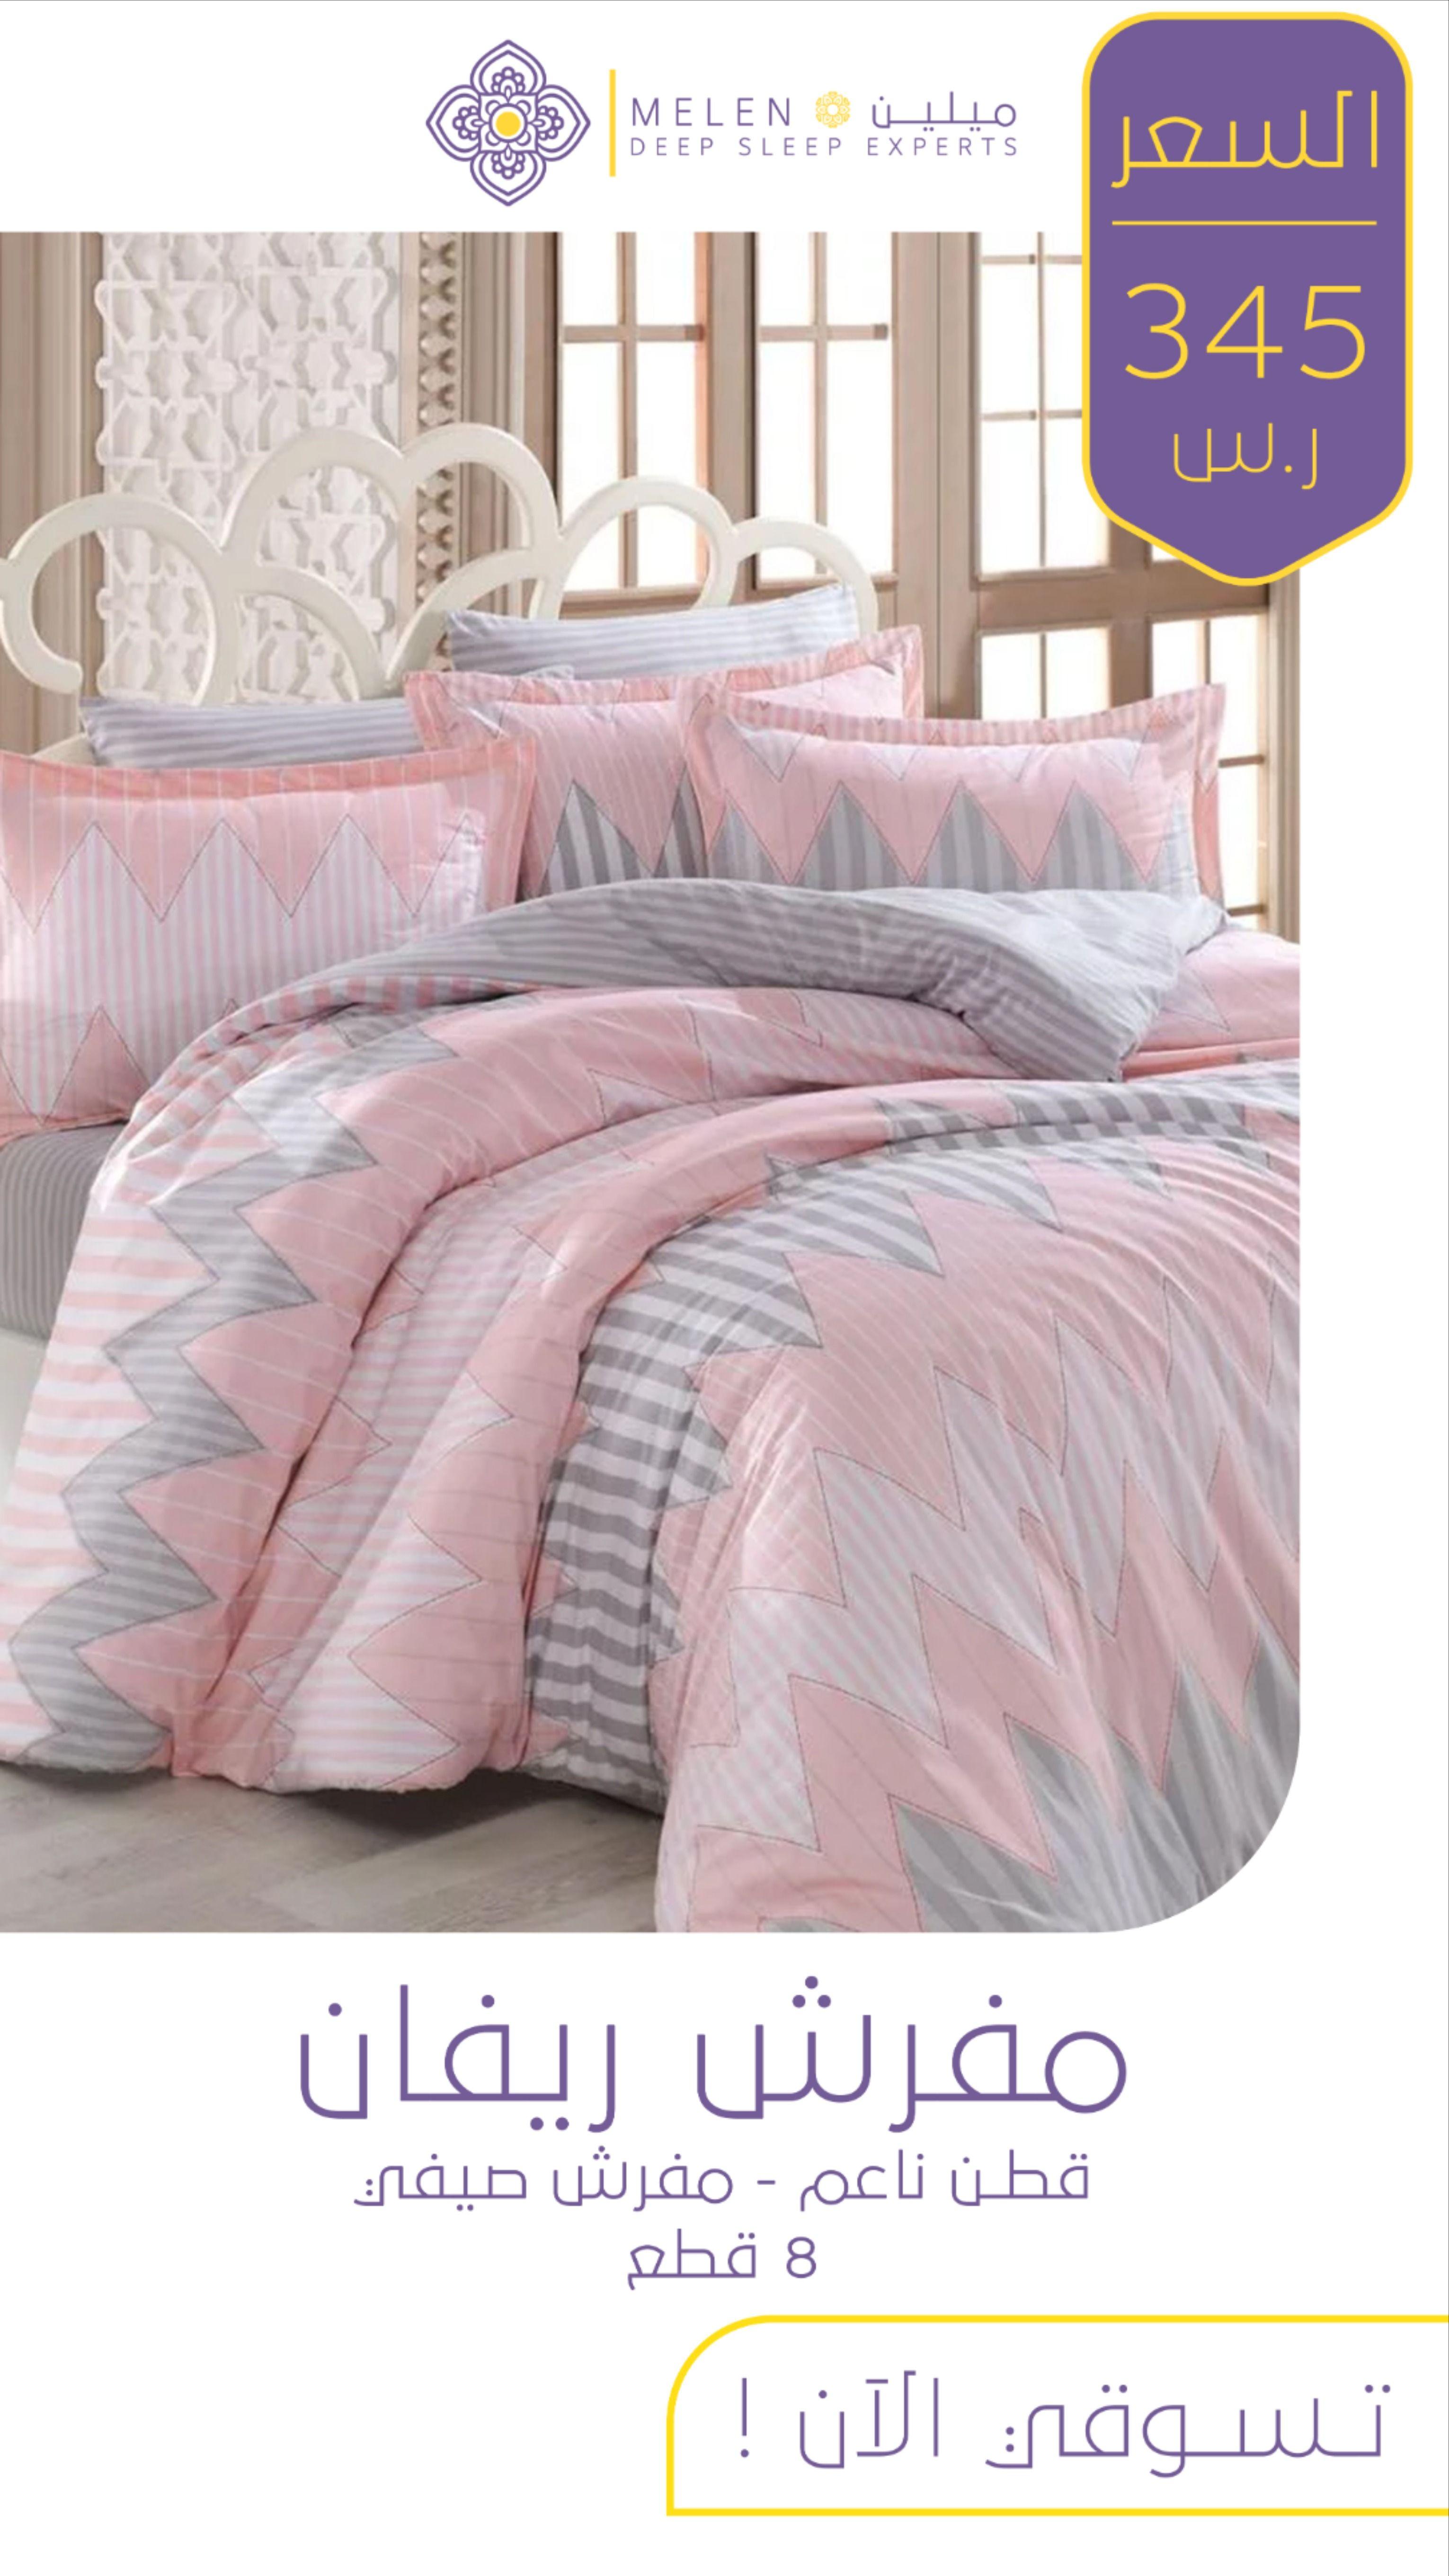 مفارش صيفية مفارش ميلين Bed Home Blanket